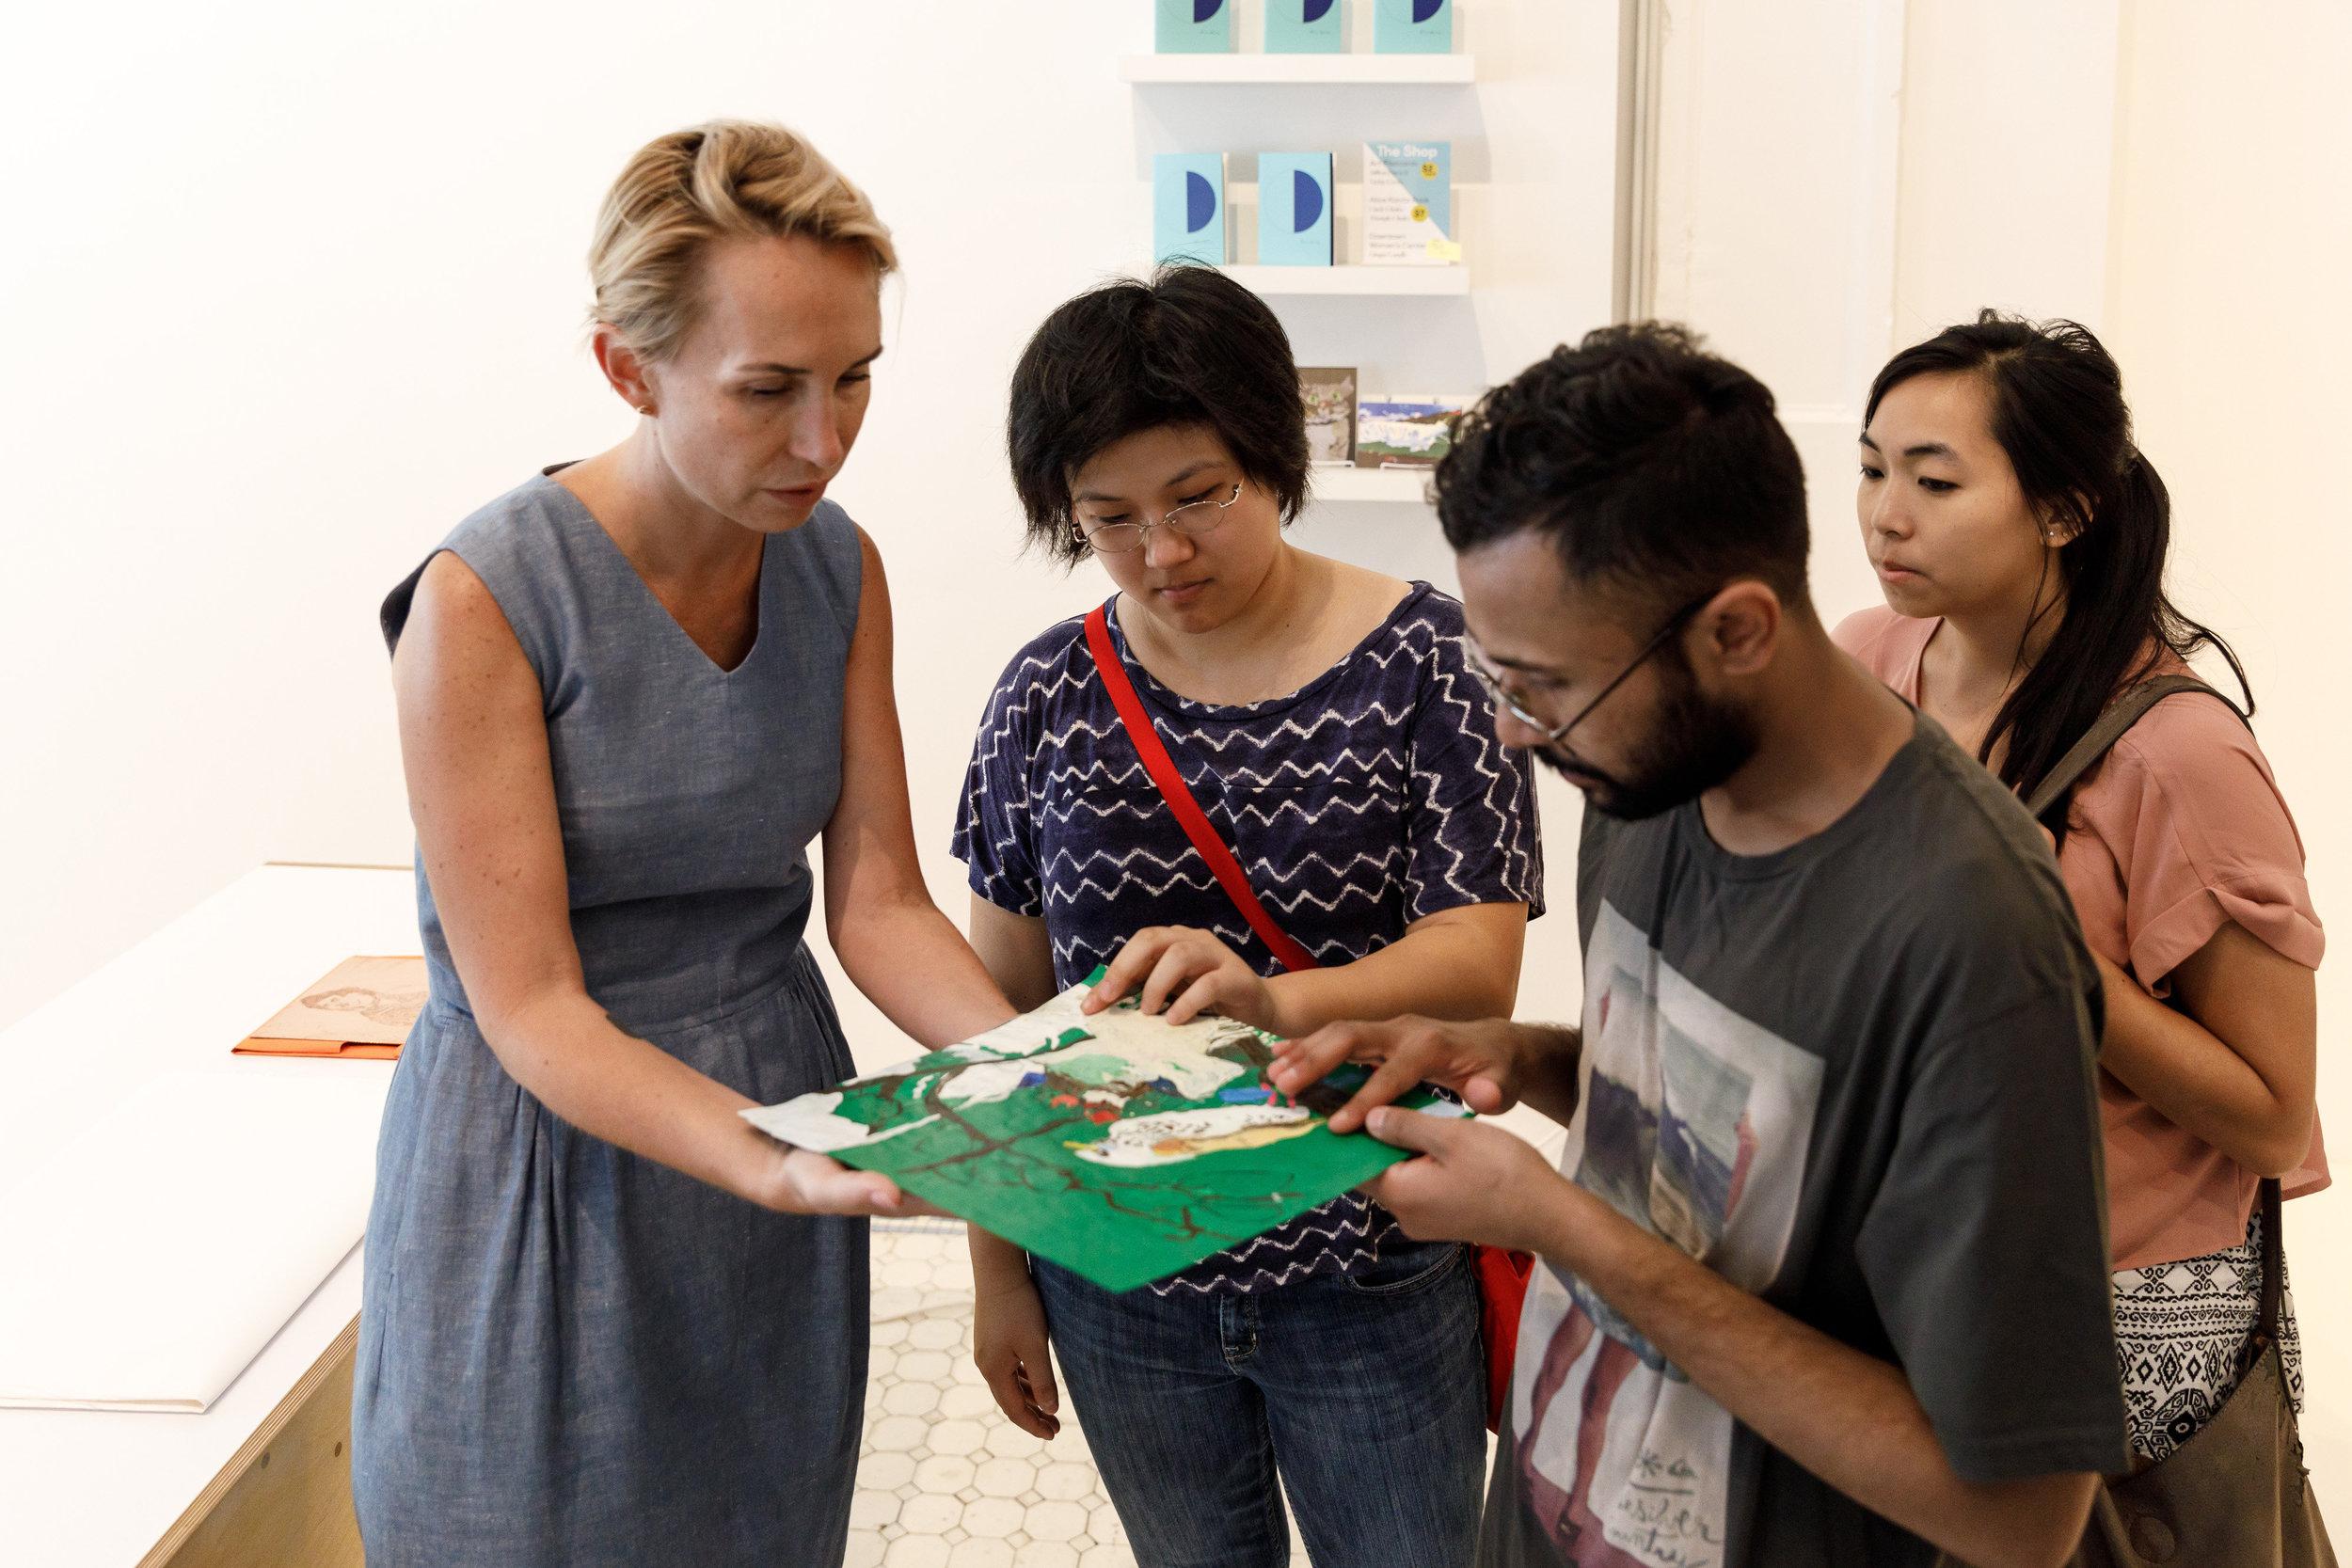 Discussing accessible exhibition design during a visit with ArtCenter students  // Discusión sobre el diseño de exposición accesible durante una visita con estudiantes de ArtCenter; photo // foto: Juan Posada.